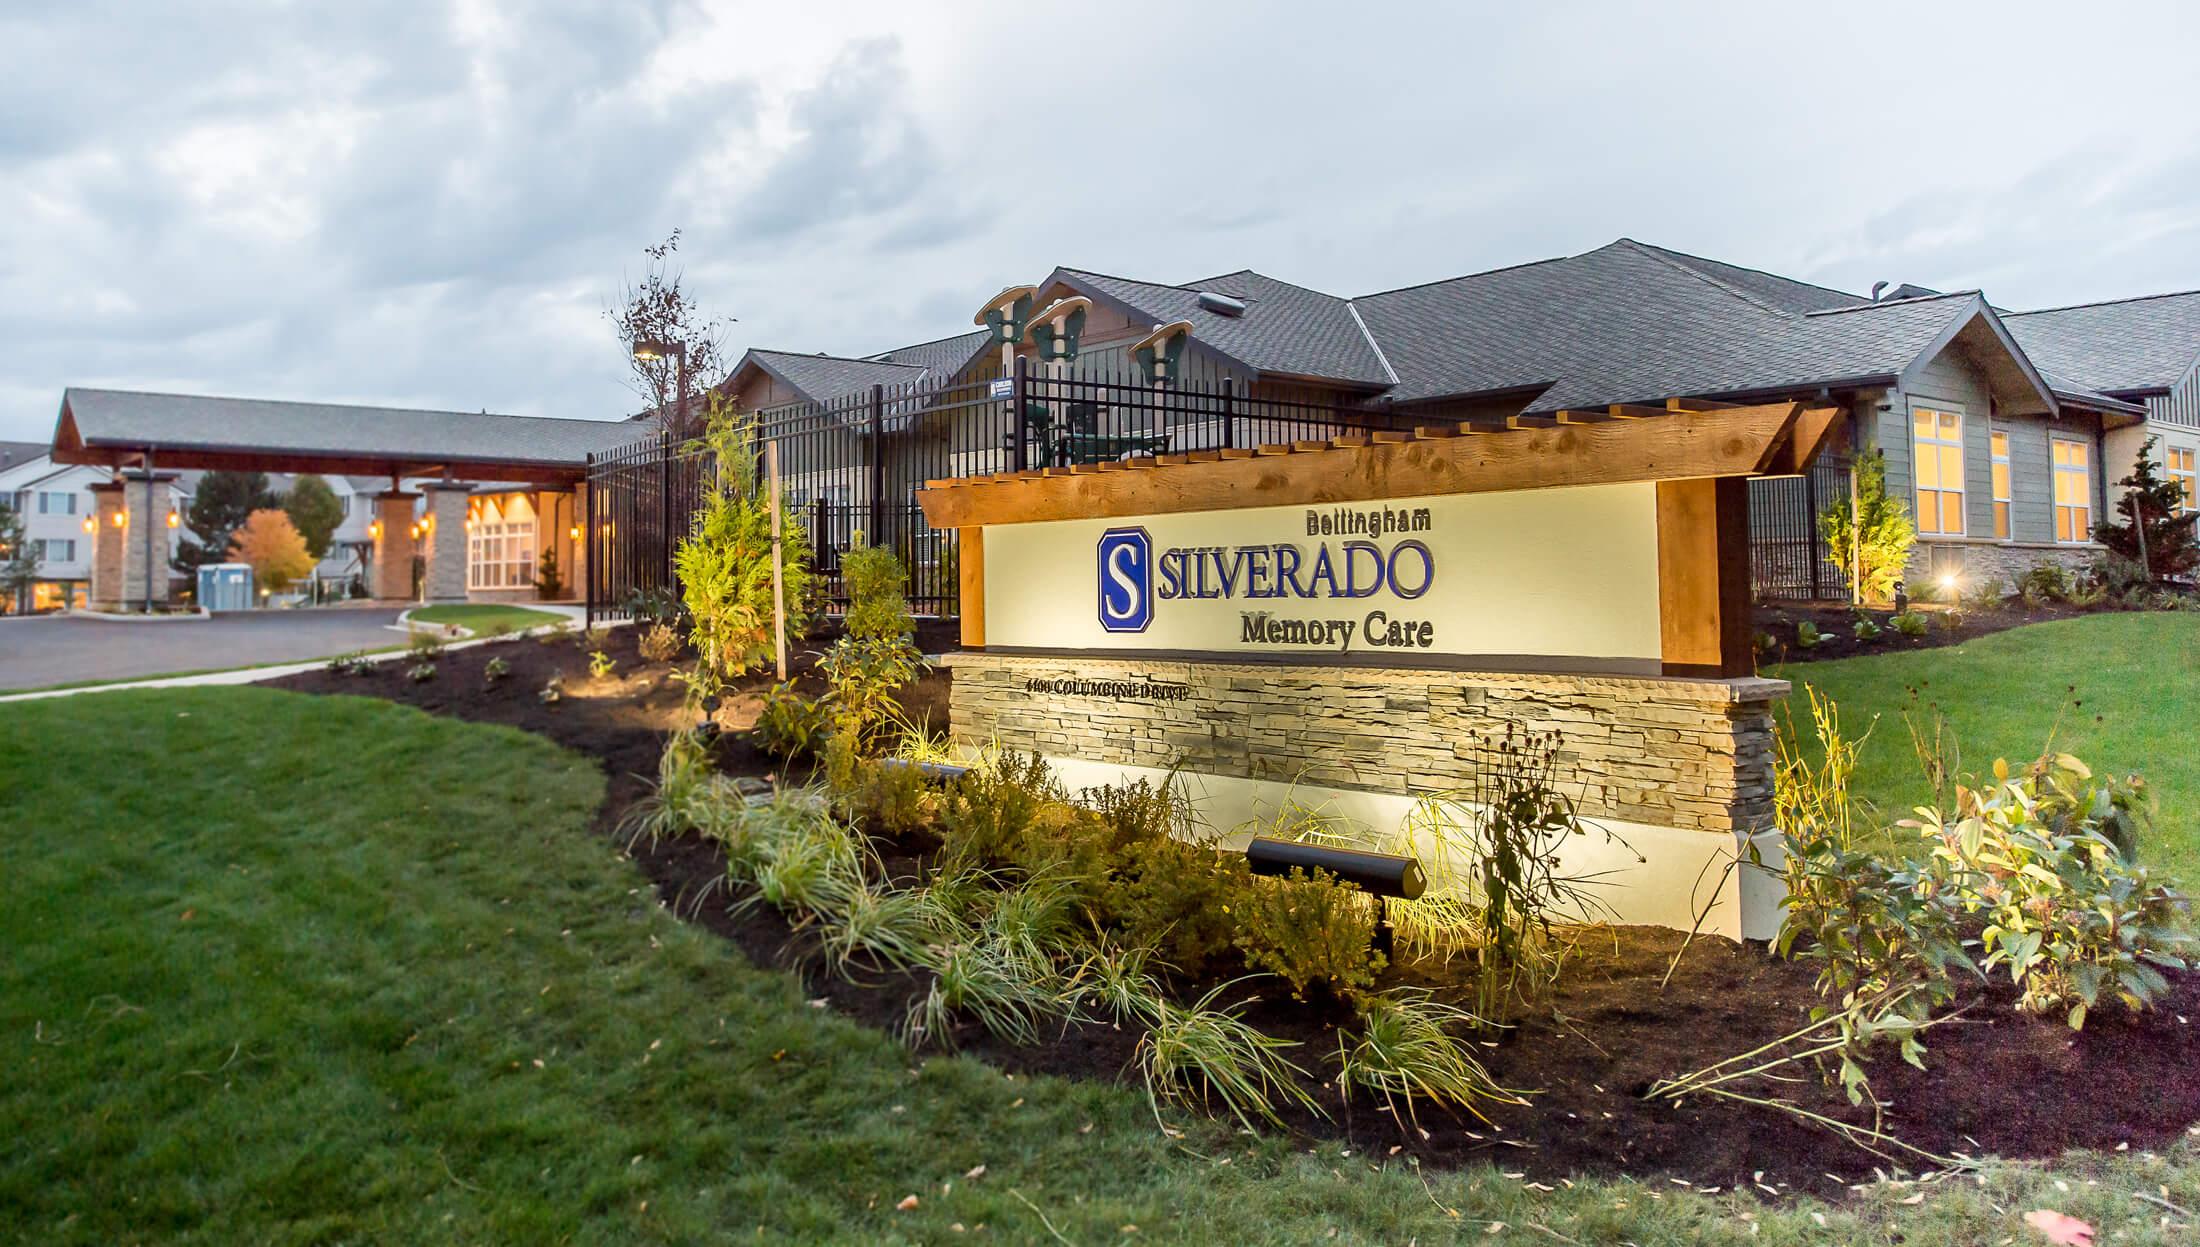 Expand Silverado Care Exterior